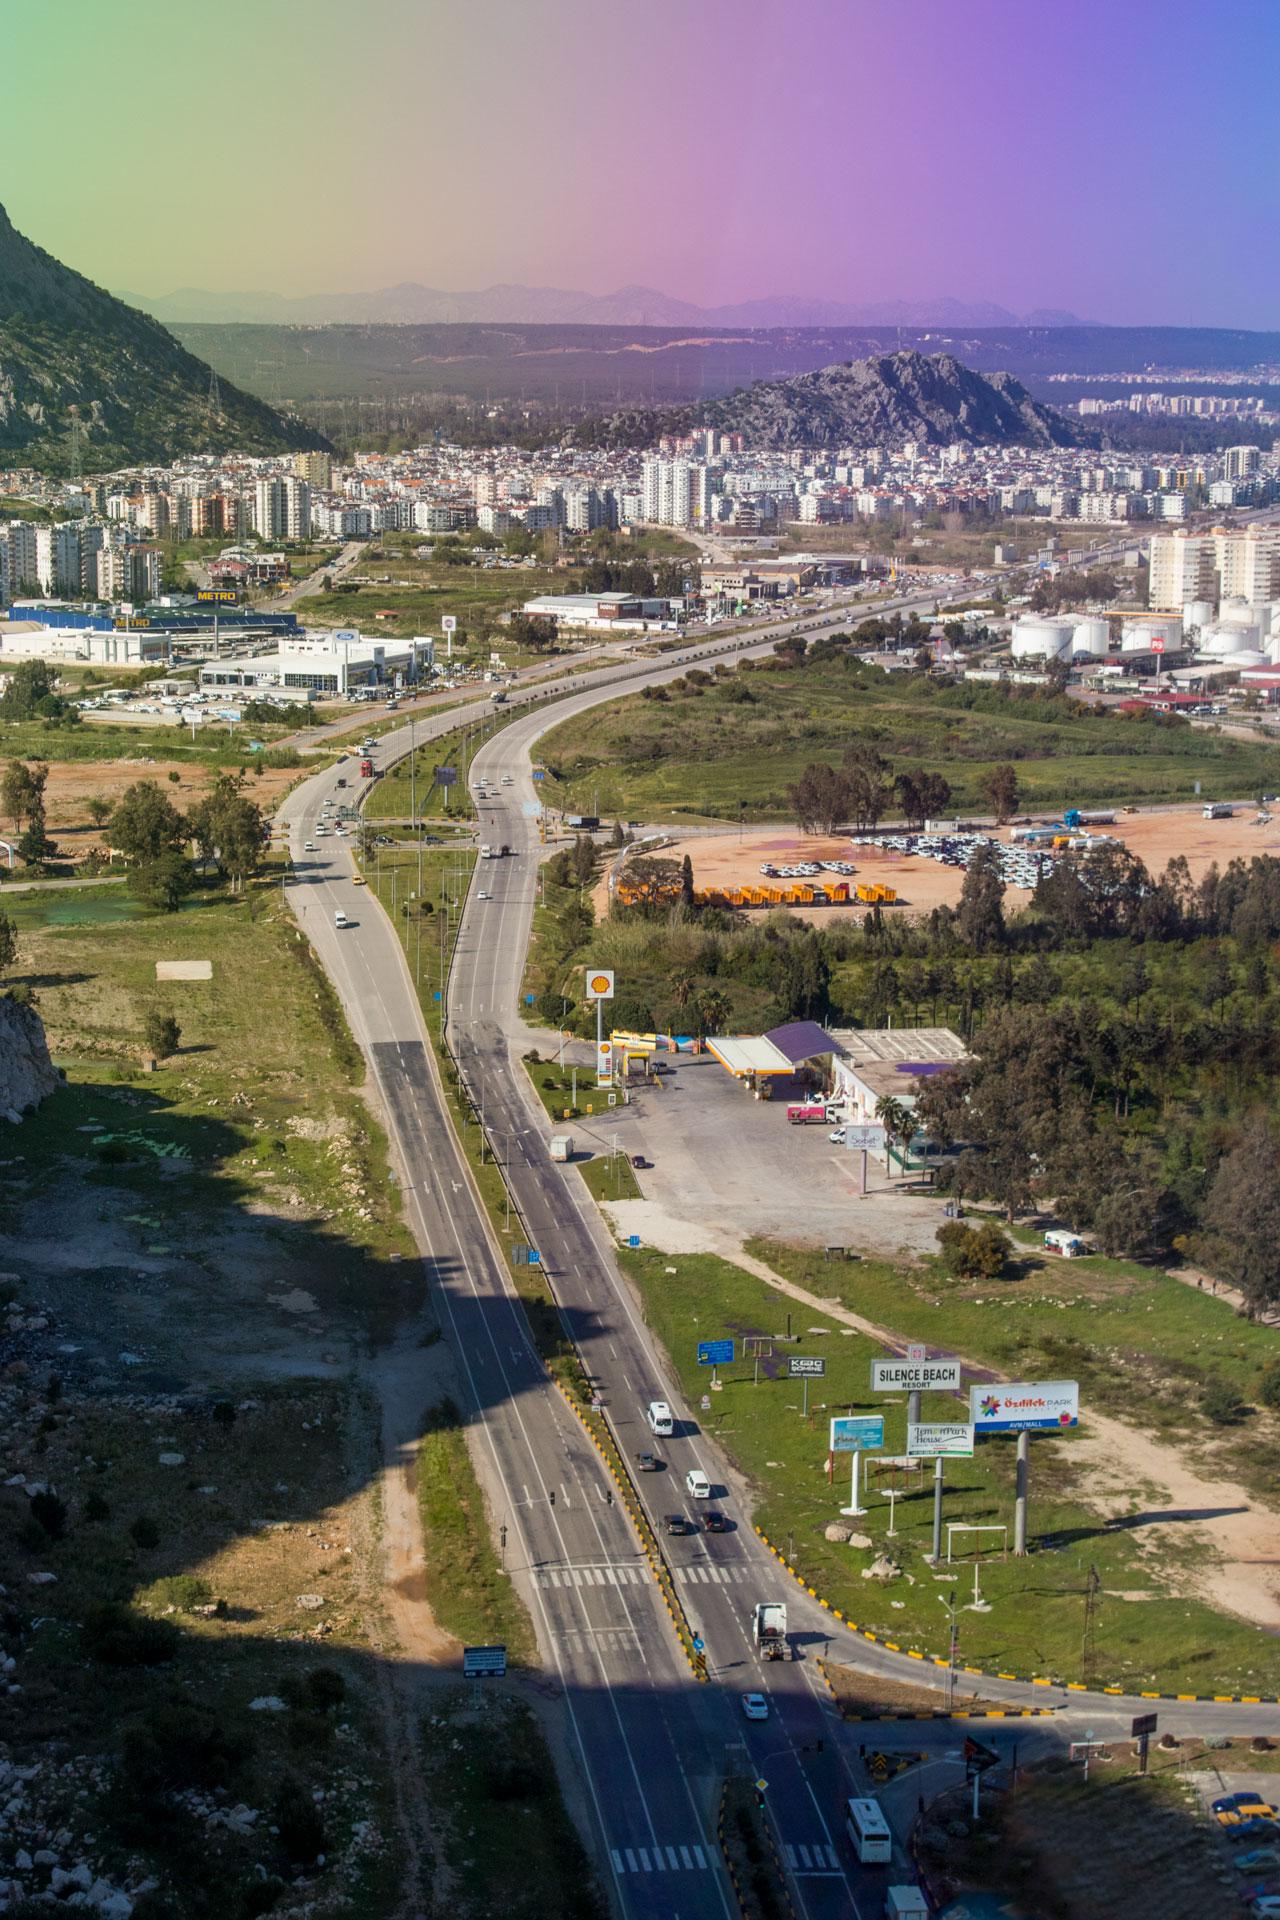 Tünektepe Teleferik Antalya Kadınlar Plajı Konyaaltı Çekergezer Hakan Aydın www.hakanaydın.com.tr www.cekergezer.com